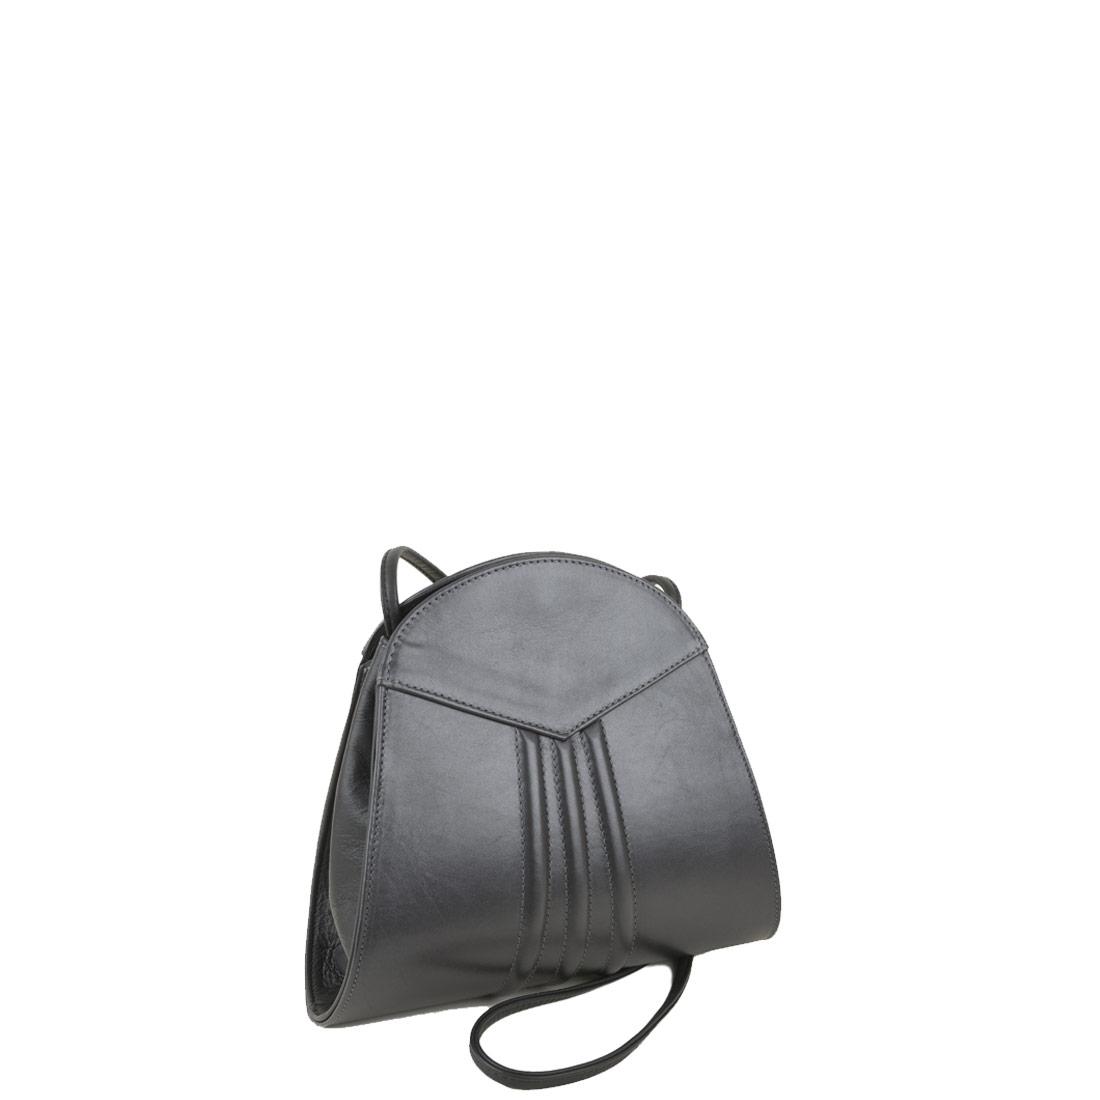 Ivy Pewter Leather Shoulder Bag